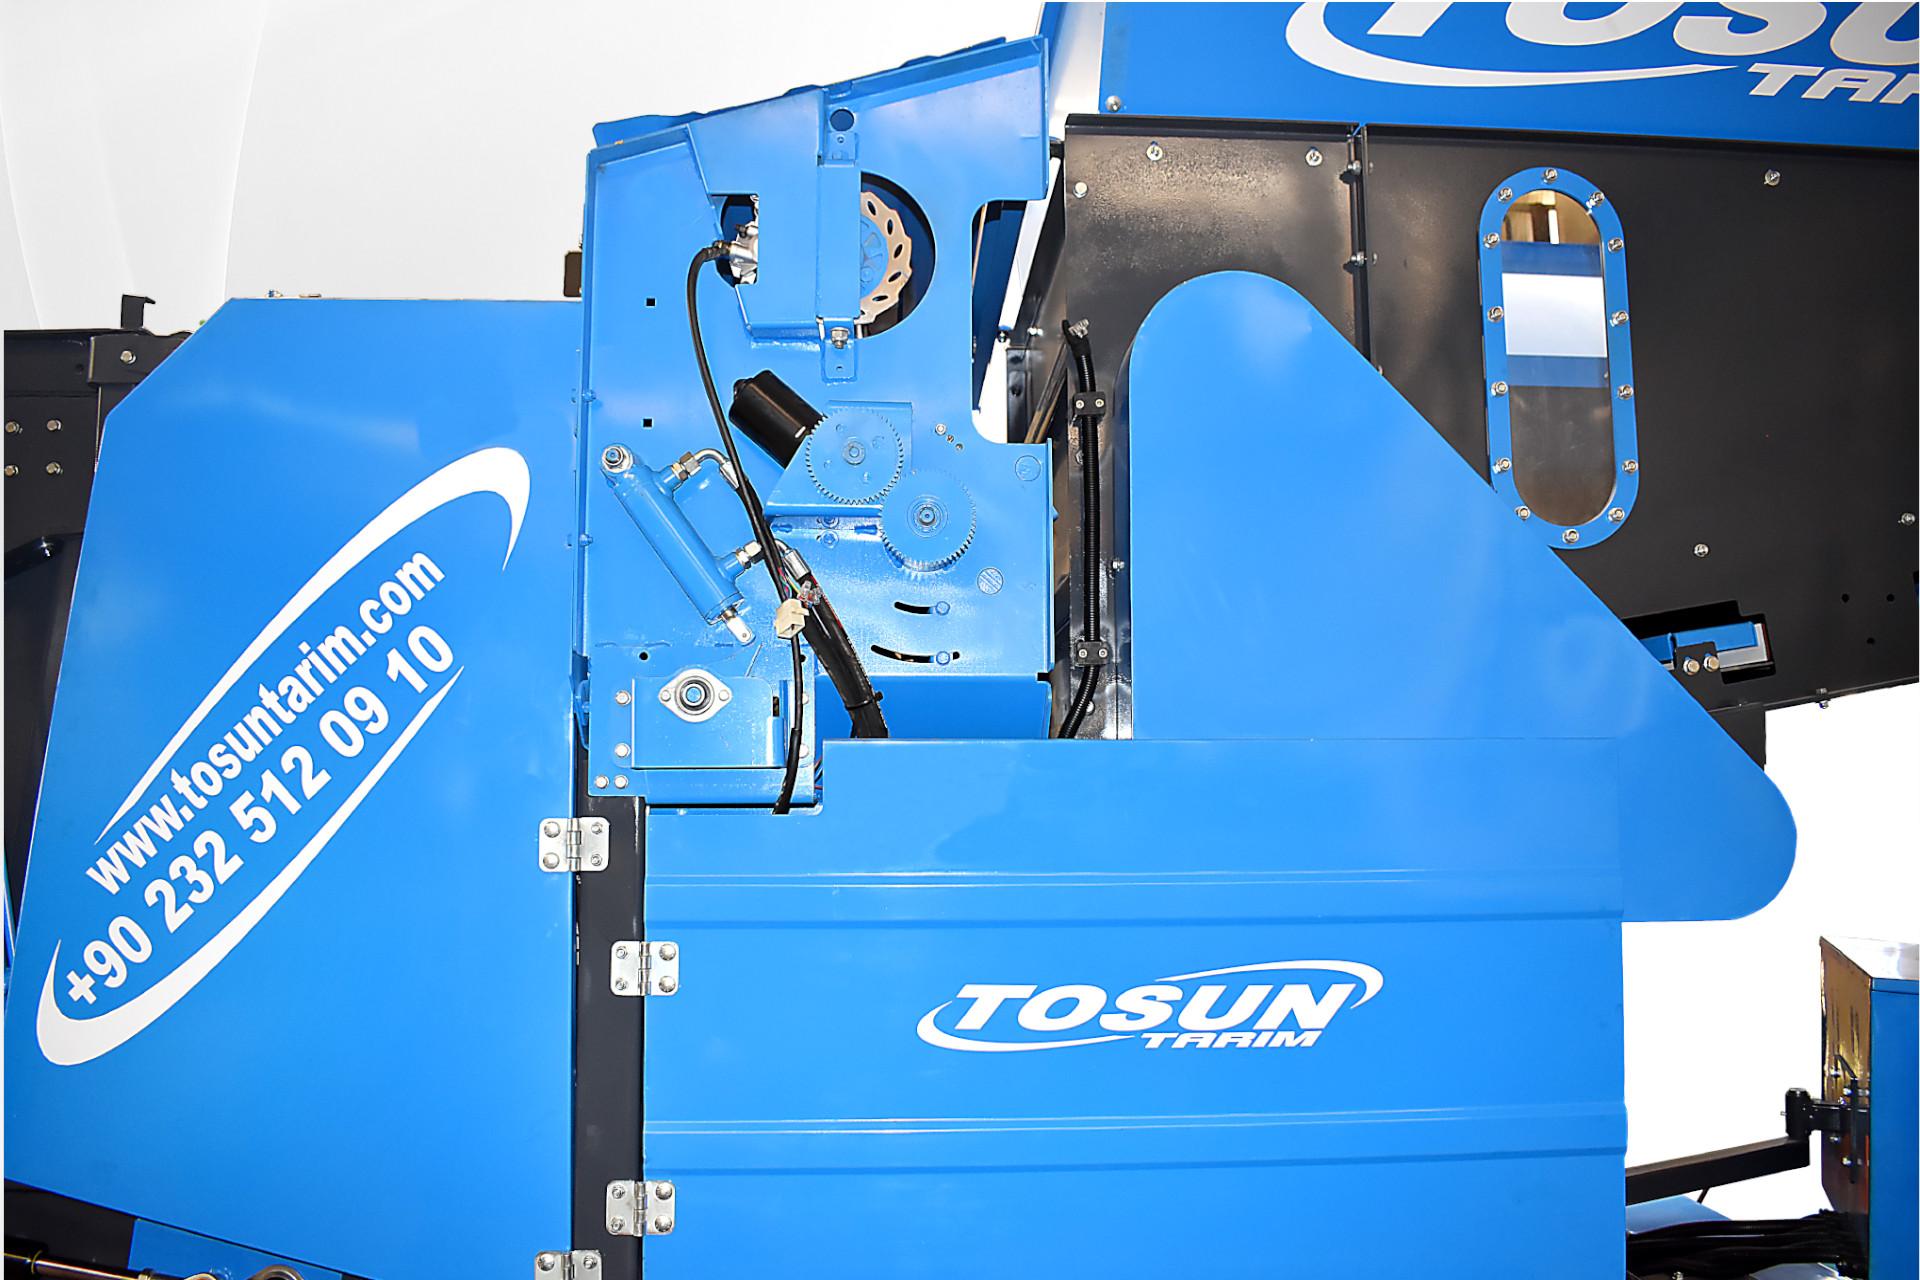 85Dx85 Kombine Silaj Paketleme Makinesi - Tosun Tarım Makinaları İzmir